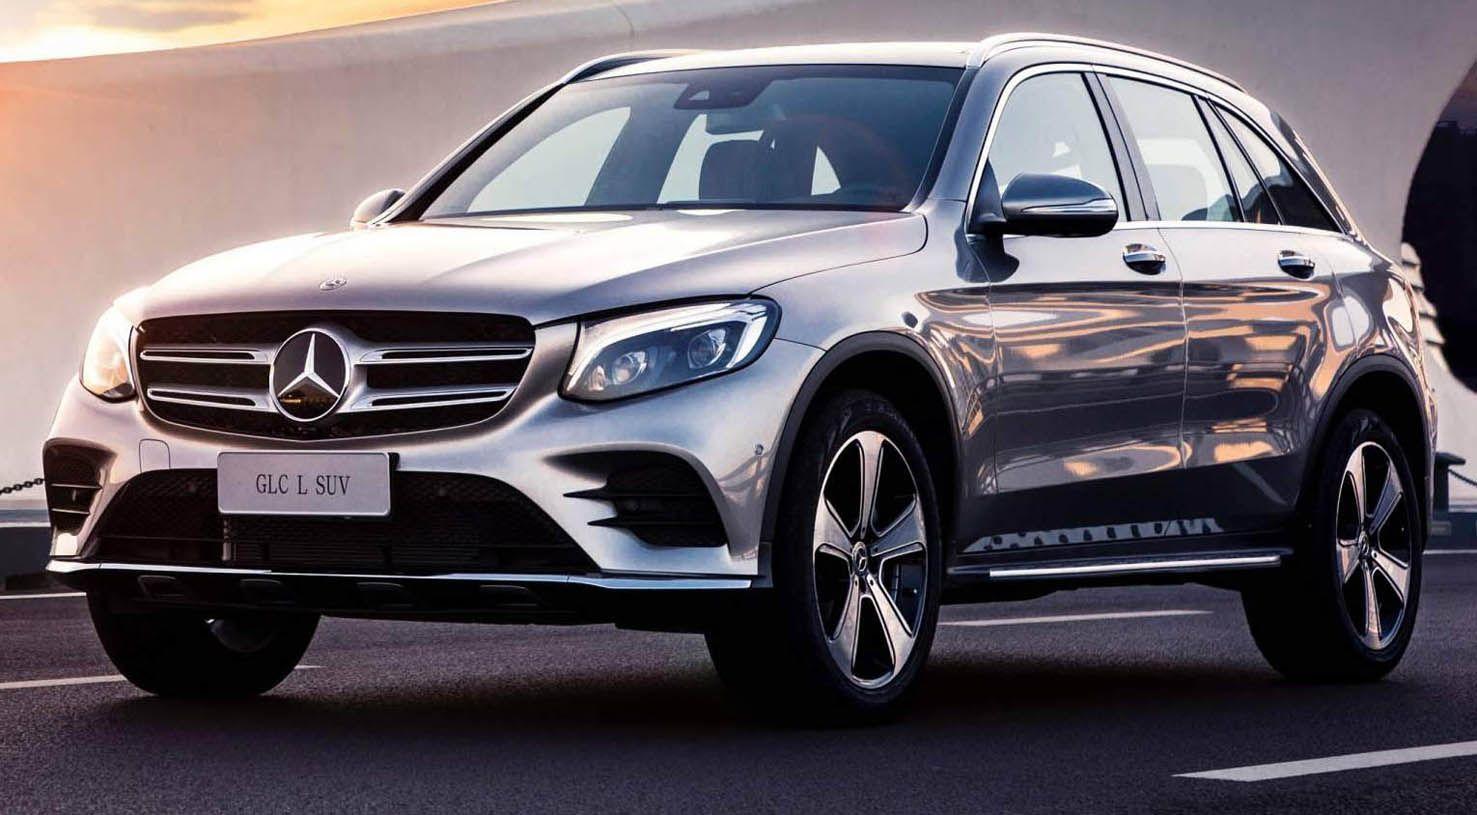 مرسيدس بنز جي أل سي أل 2019 النسخة الطويلة من الكروس أوفر الناجحة موقع ويلز Mercedes Benz Glc Suv Car